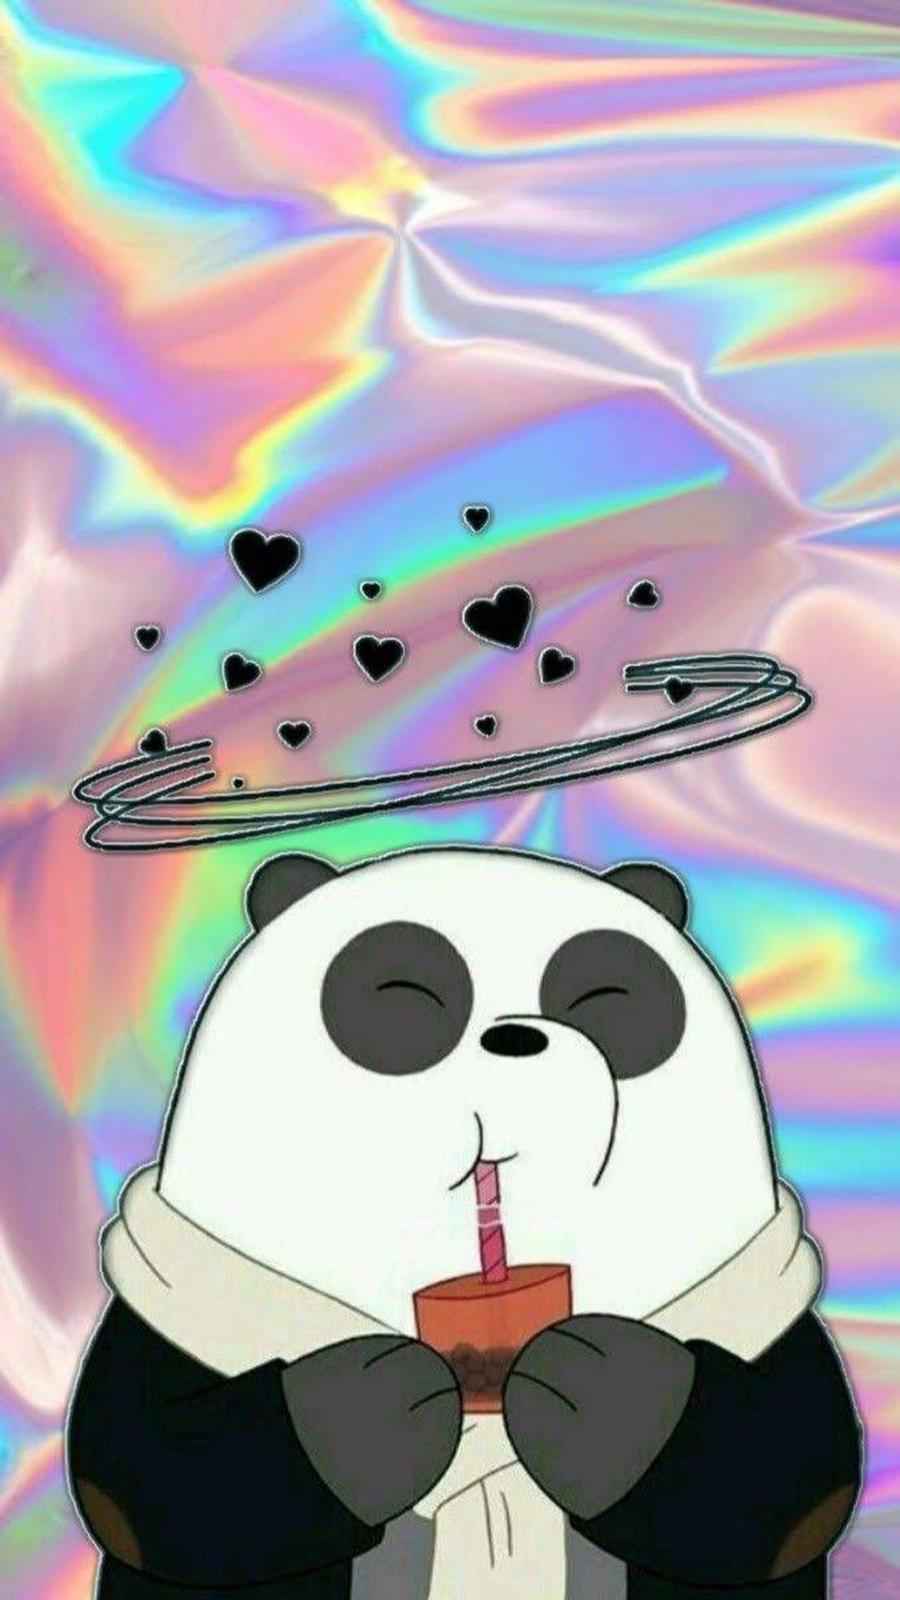 Cute Panda Wallpapers Free Download